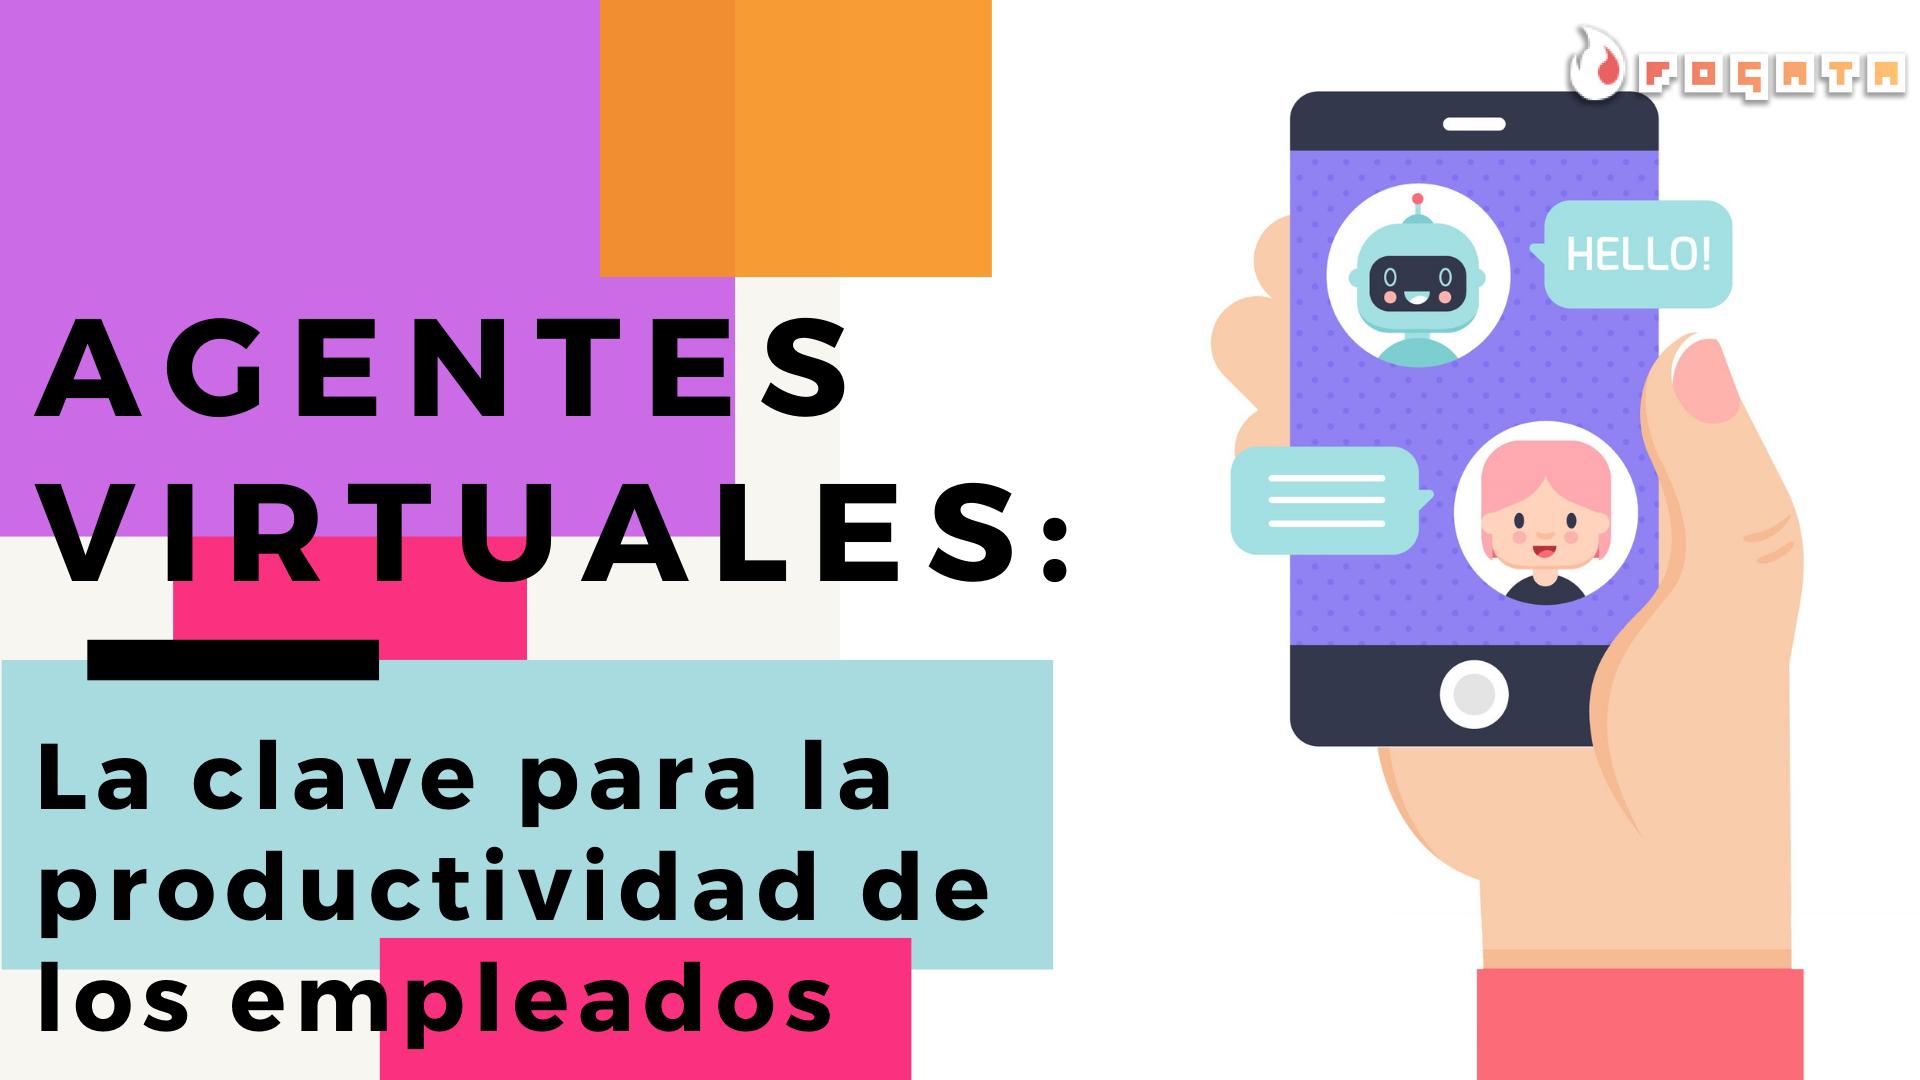 Agentes virtuales la clave para la productividad de los empleados - Fogatabots - Chatbots whatsapp